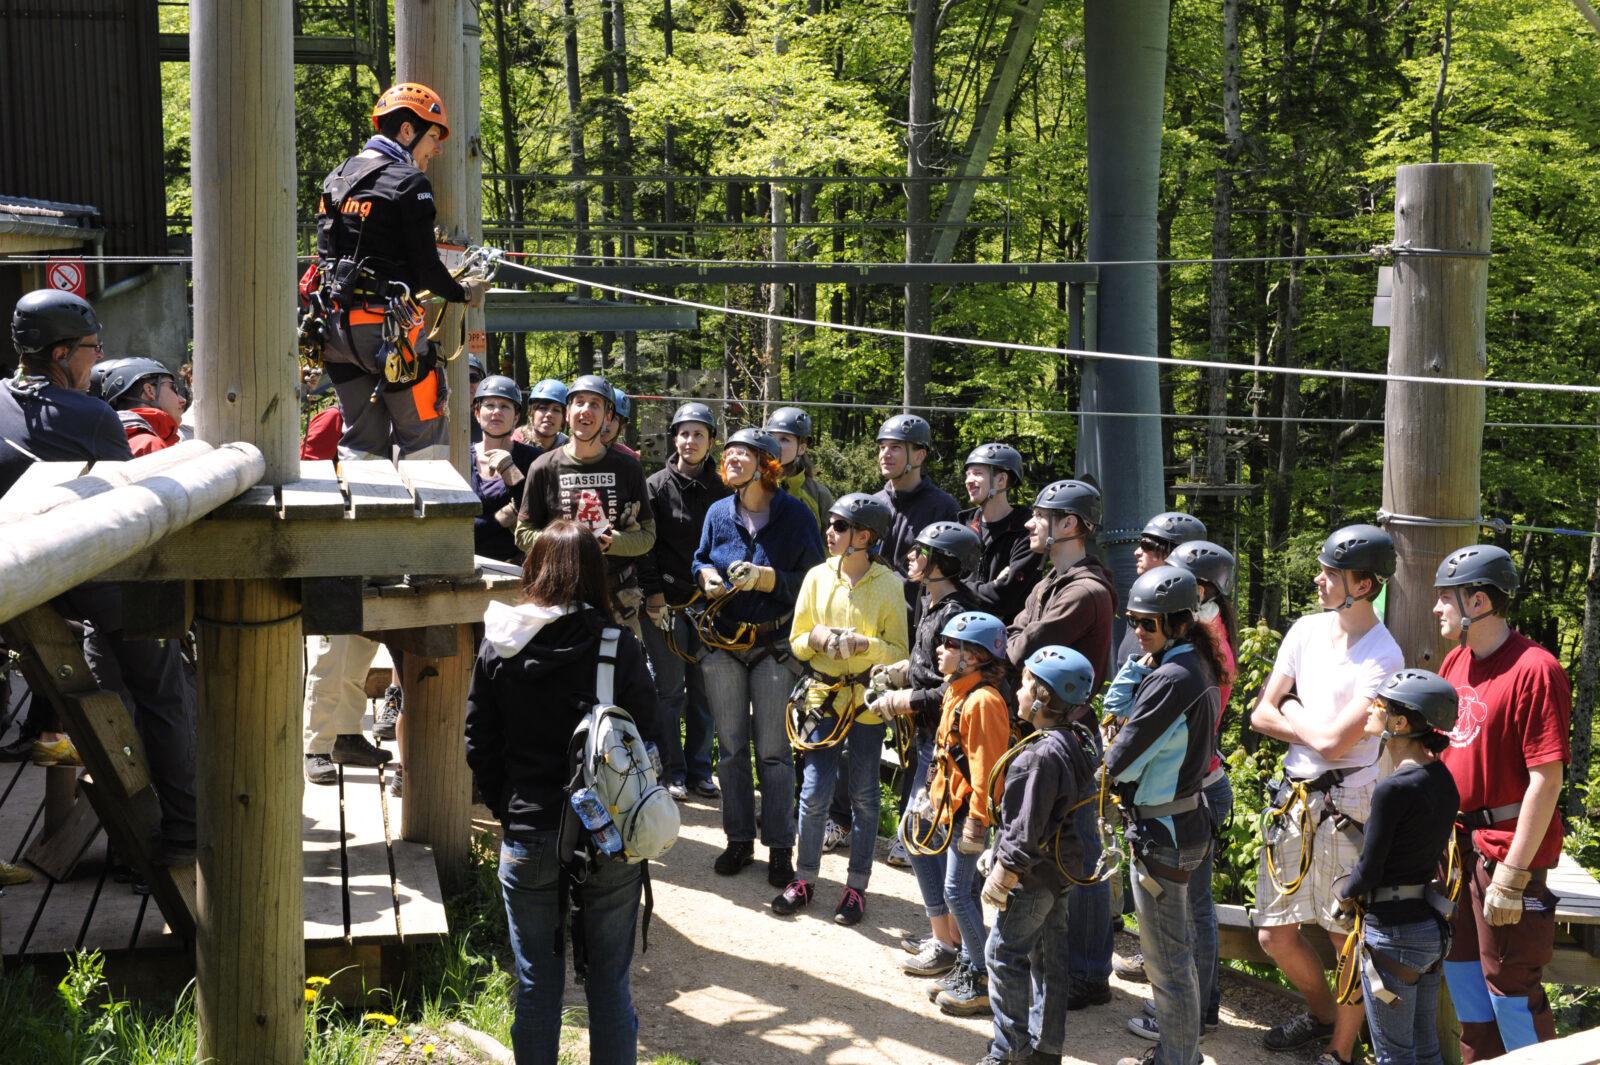 Spass in der Gruppe beim Klettern im Waldseilpark auf den Wasserfallen Bild LRW